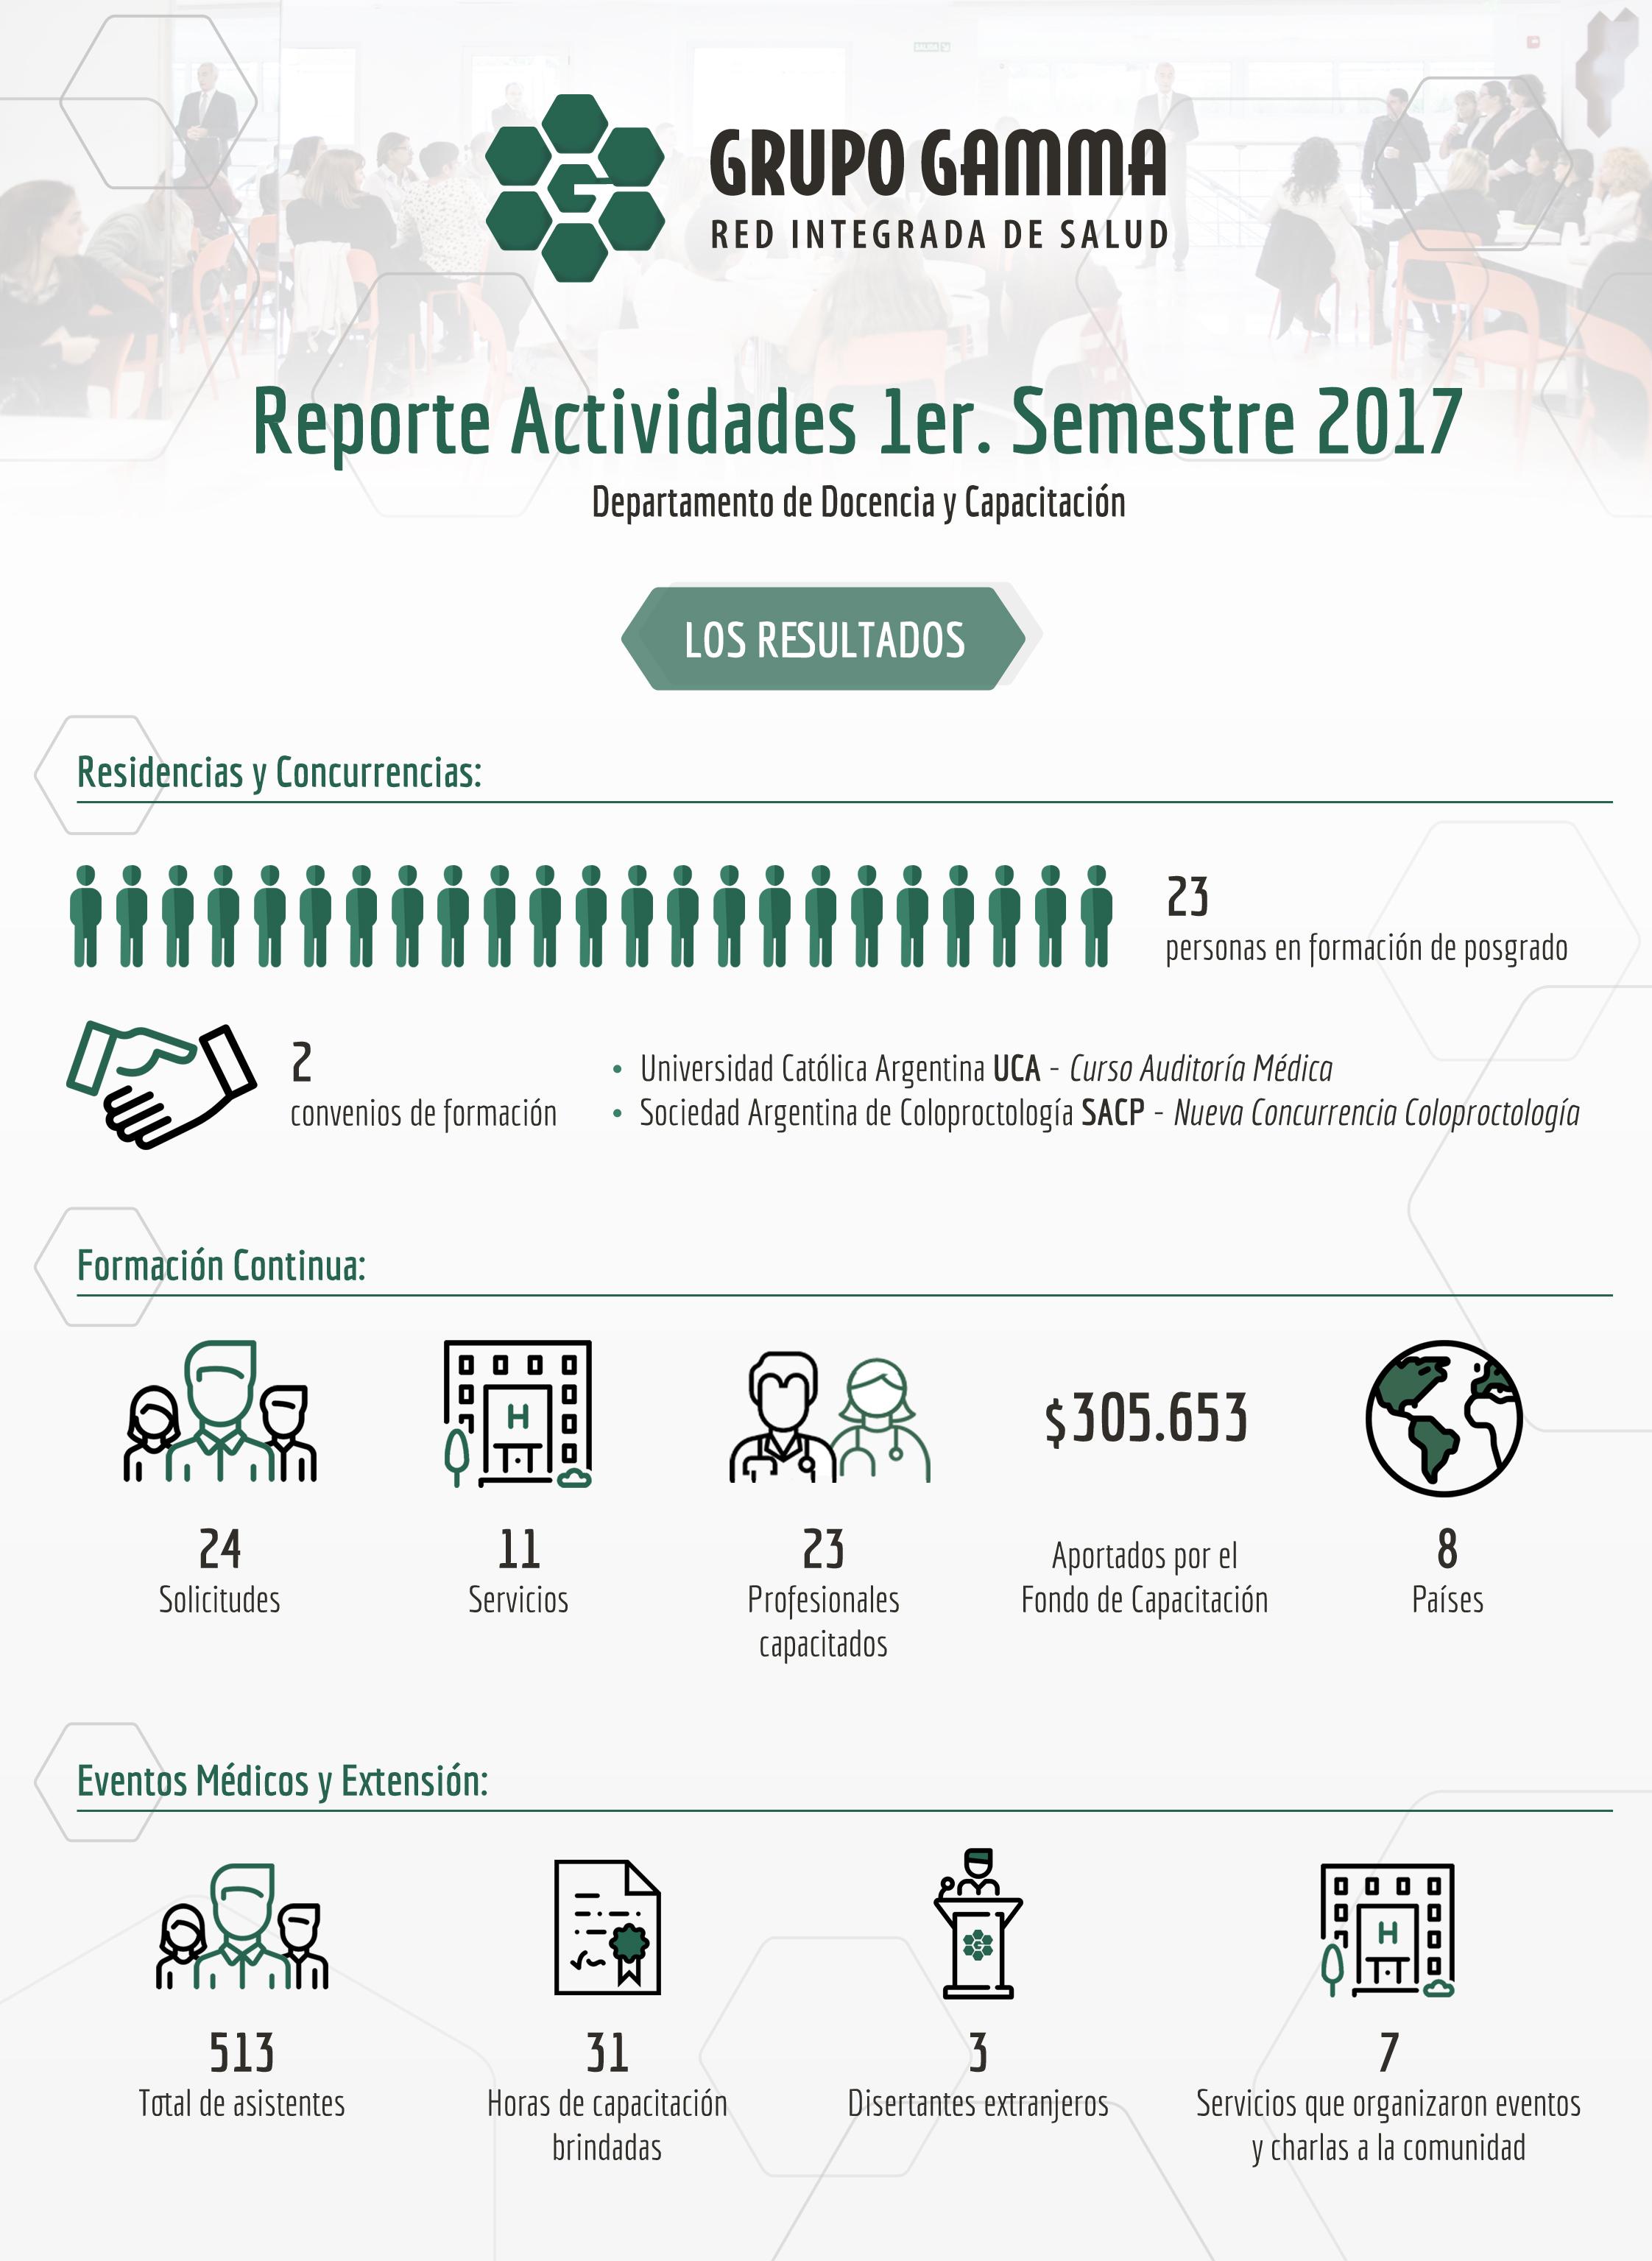 Reporte de Actividades del Departamento de Docencia y Capacitación | Grupo Gamma